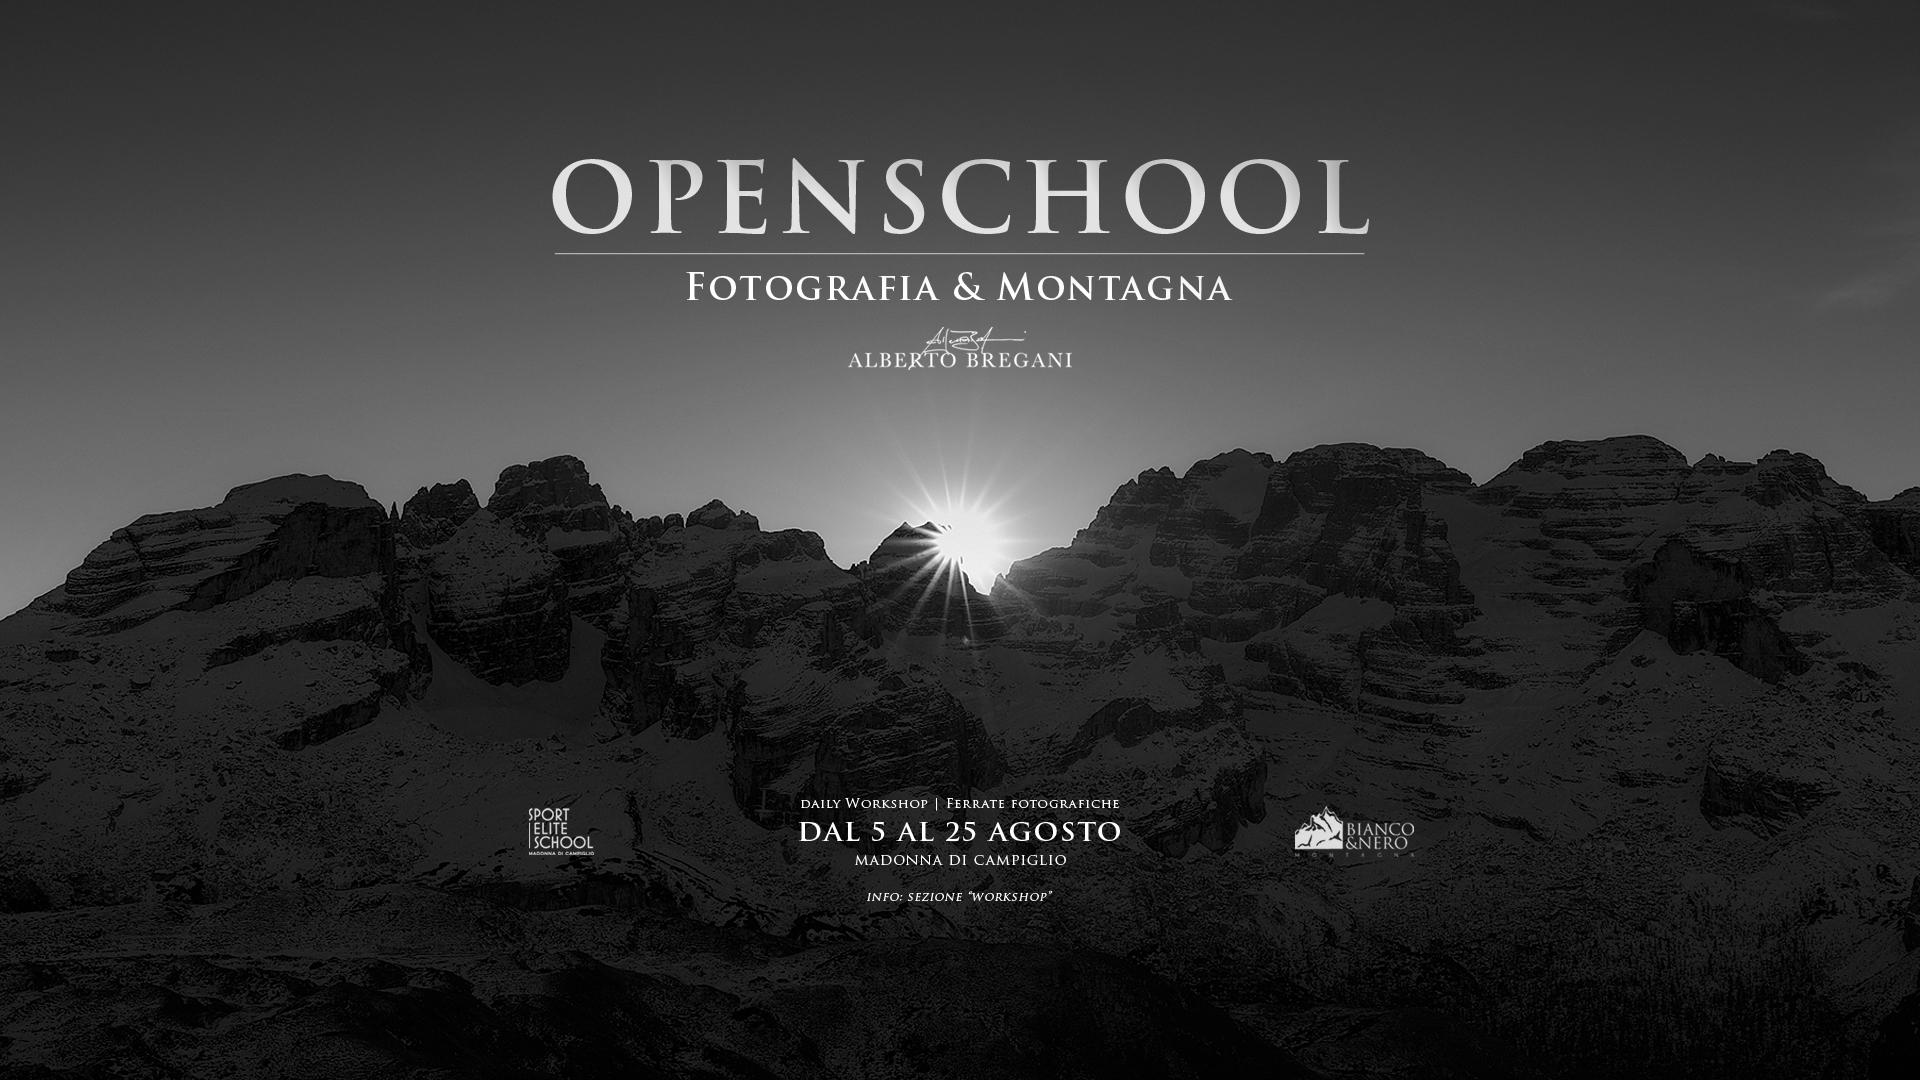 AGOSTO OPEN SCHOOL |  Info e programmi alla sezione